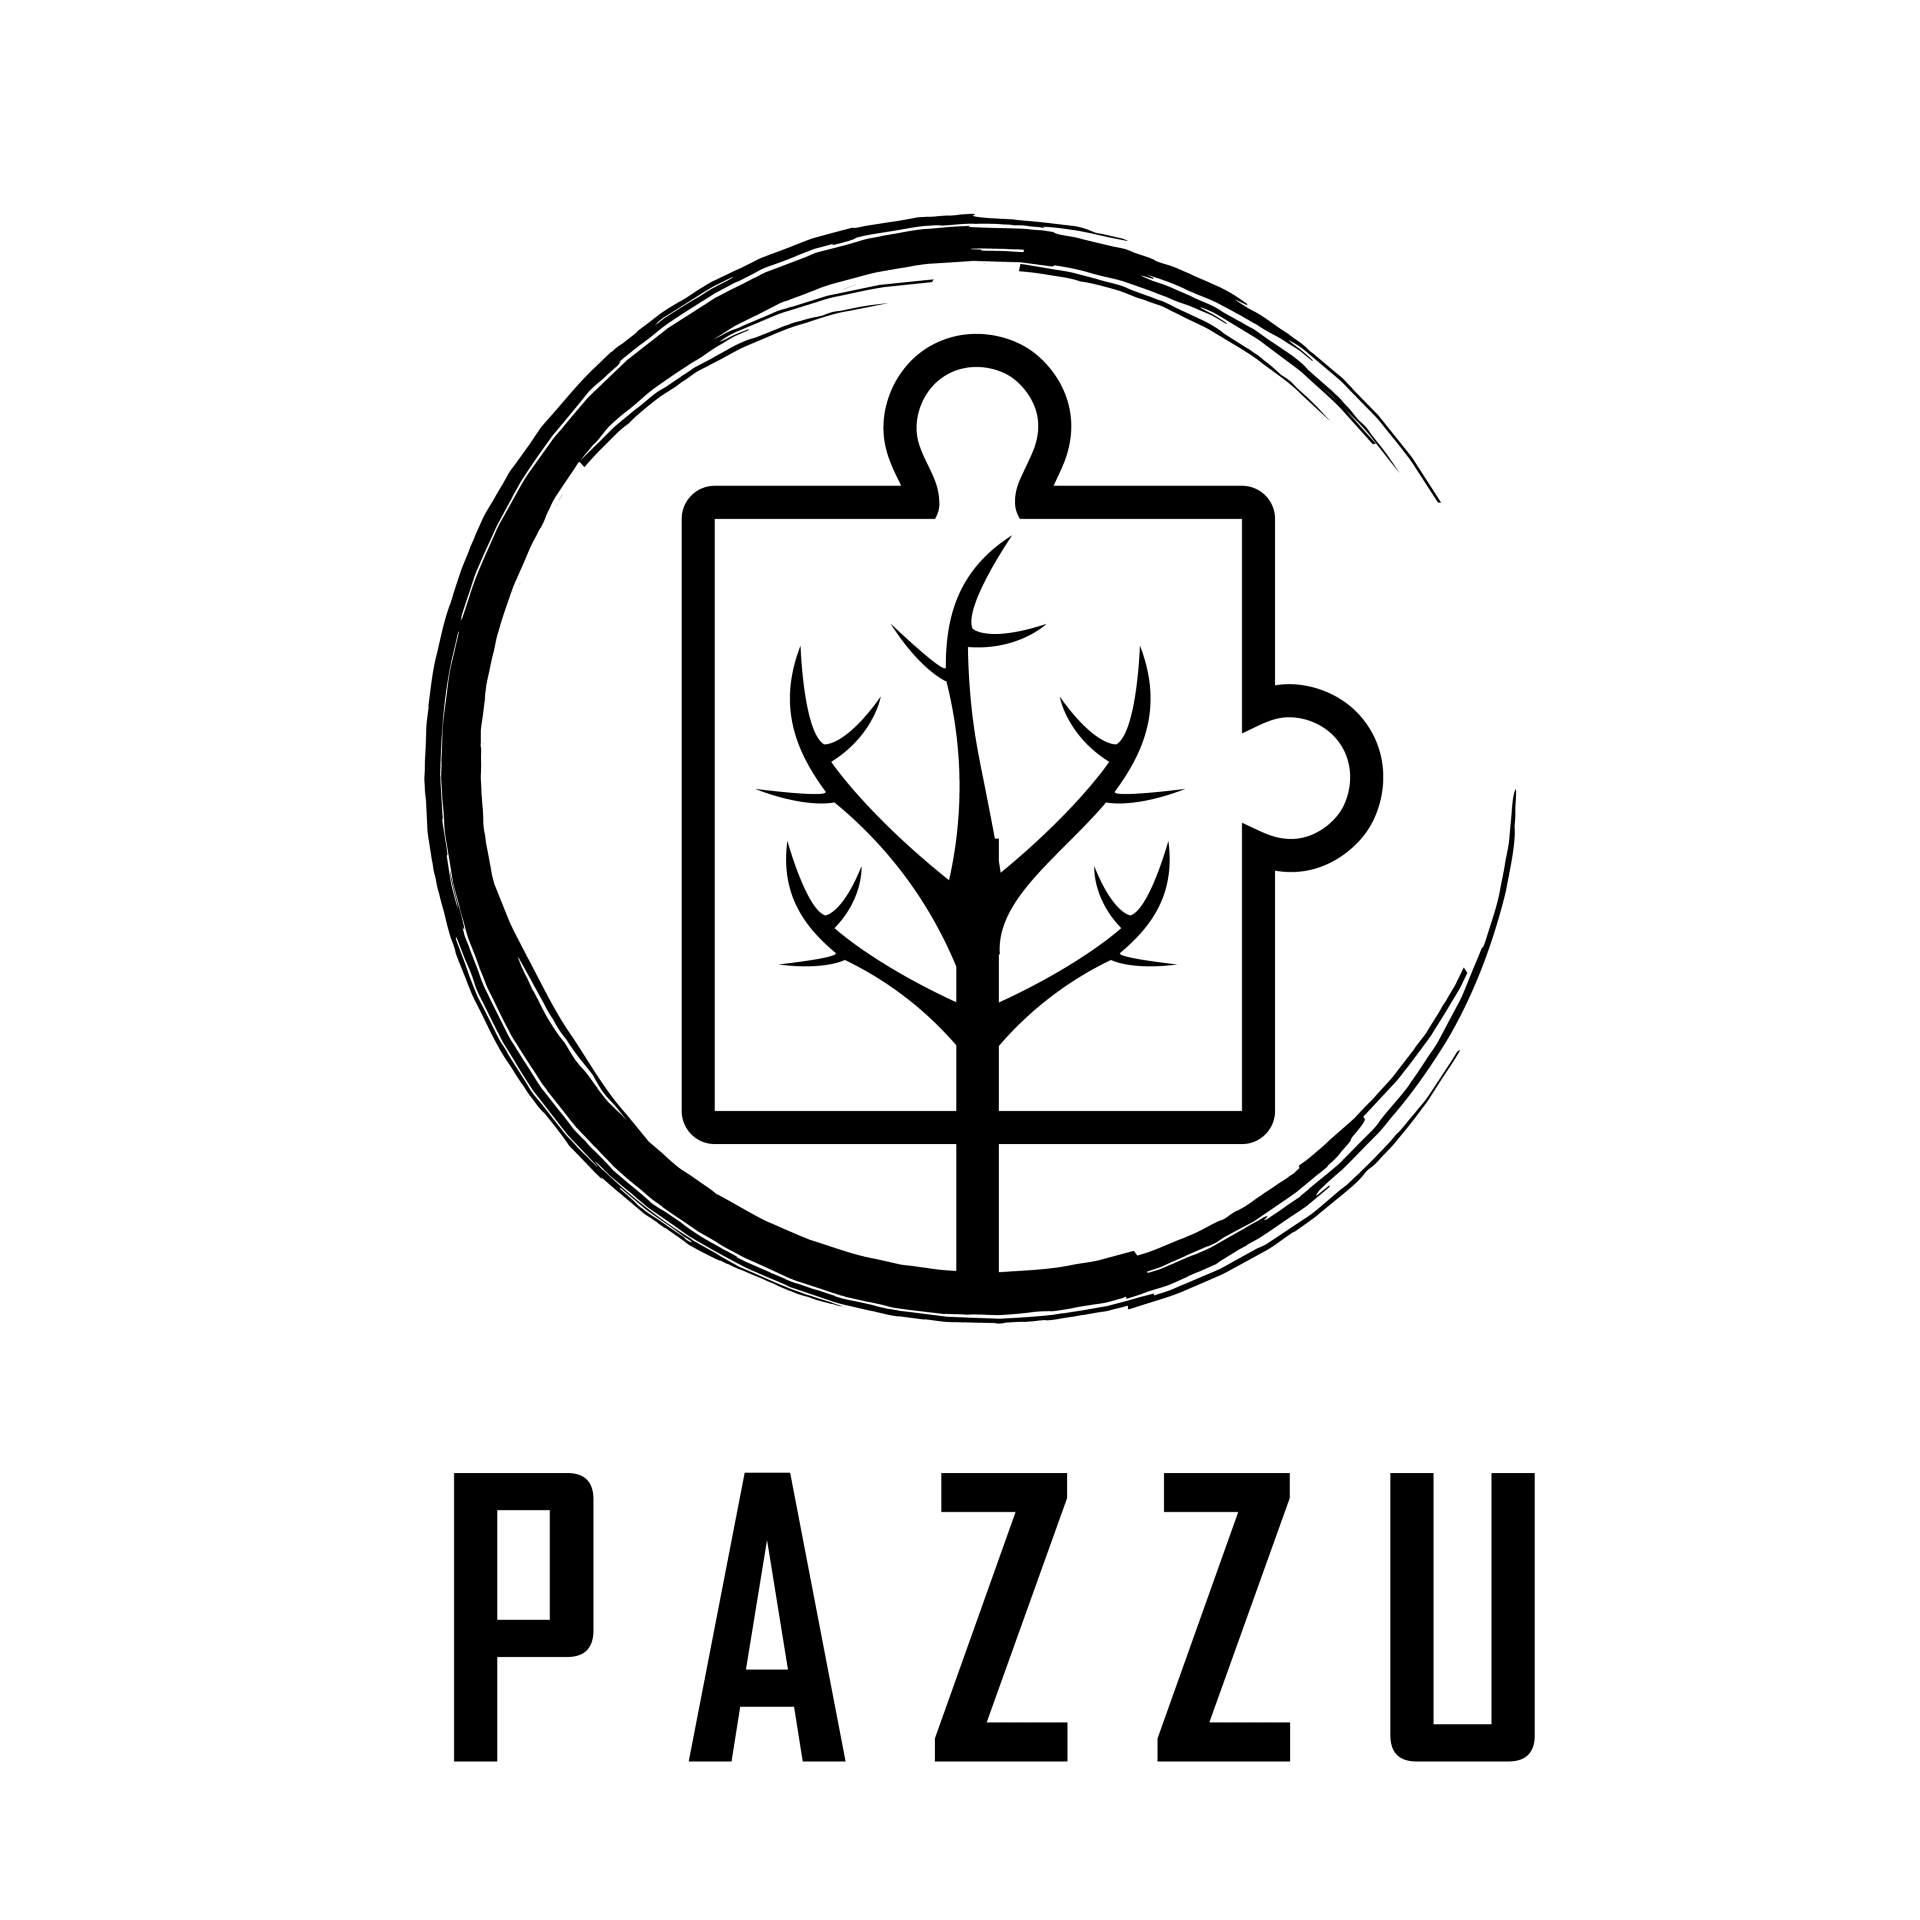 פאזו-פאזלים דקורטיביים מעץ